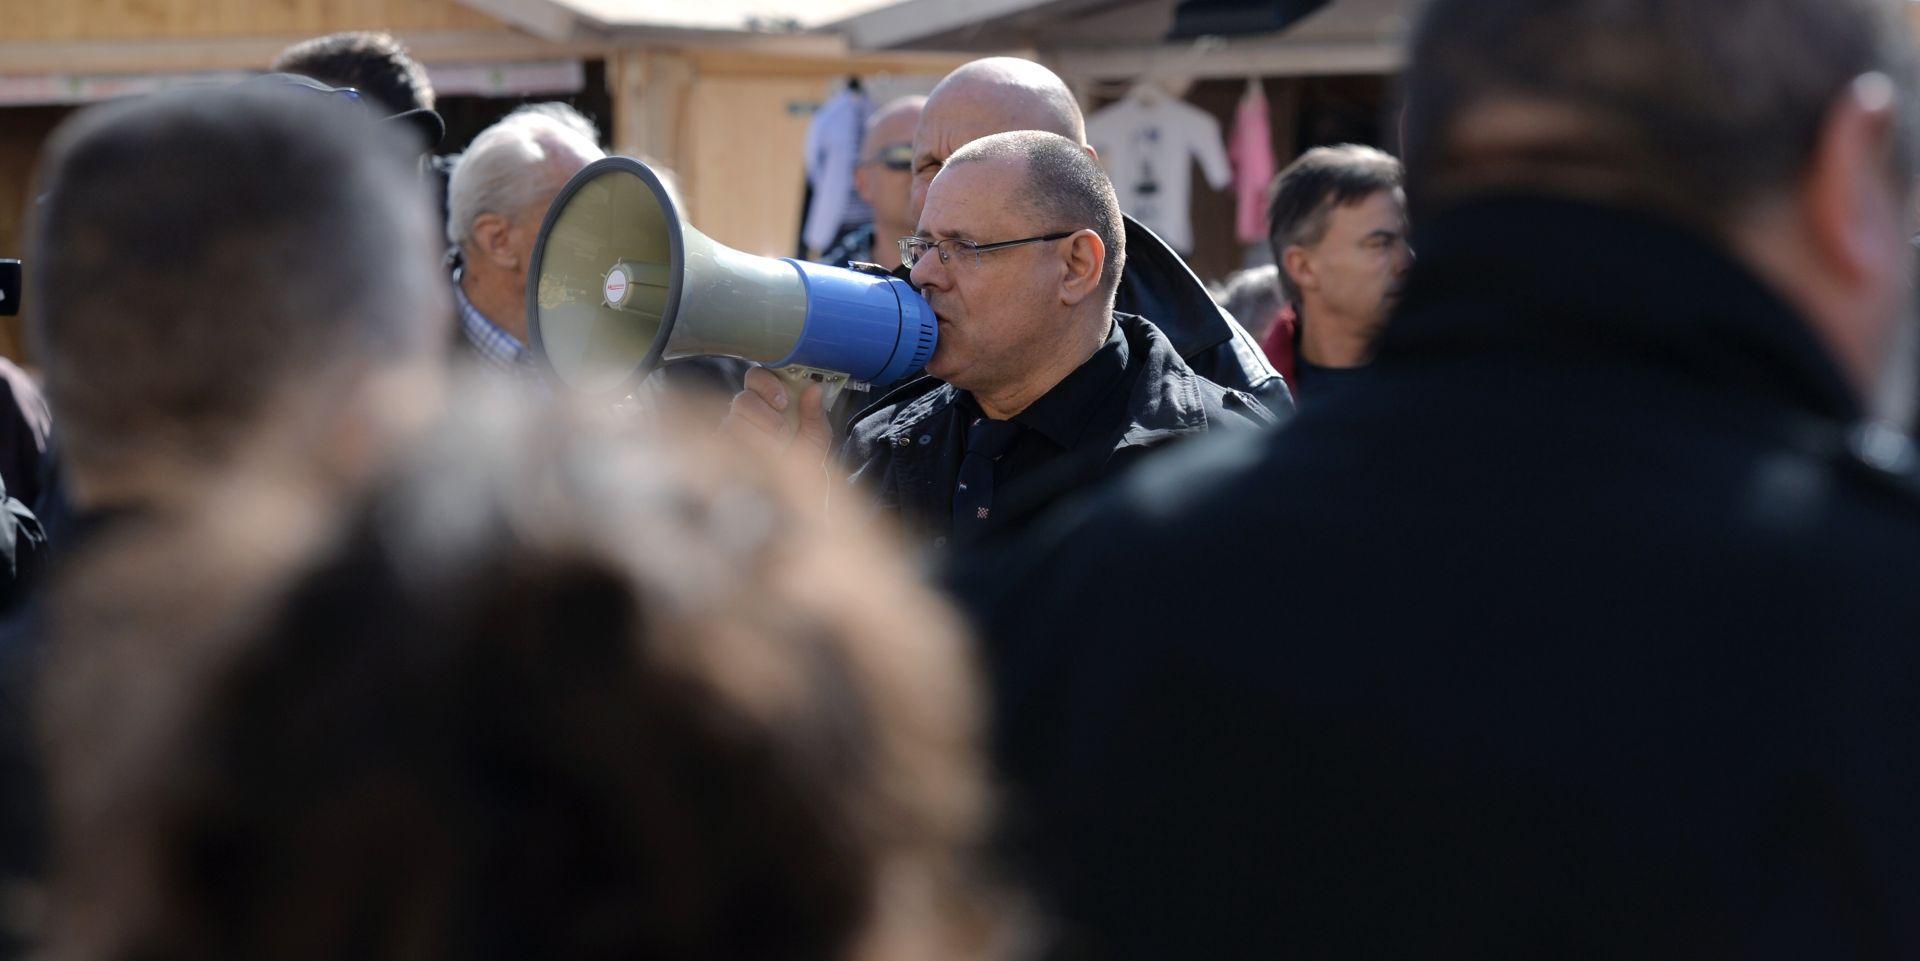 FOTO: OKUPLJANJE CRNOKOŠULJAŠA U ZAGREBU Policija privela predsjednika A-HSP-a Dražena Keleminca